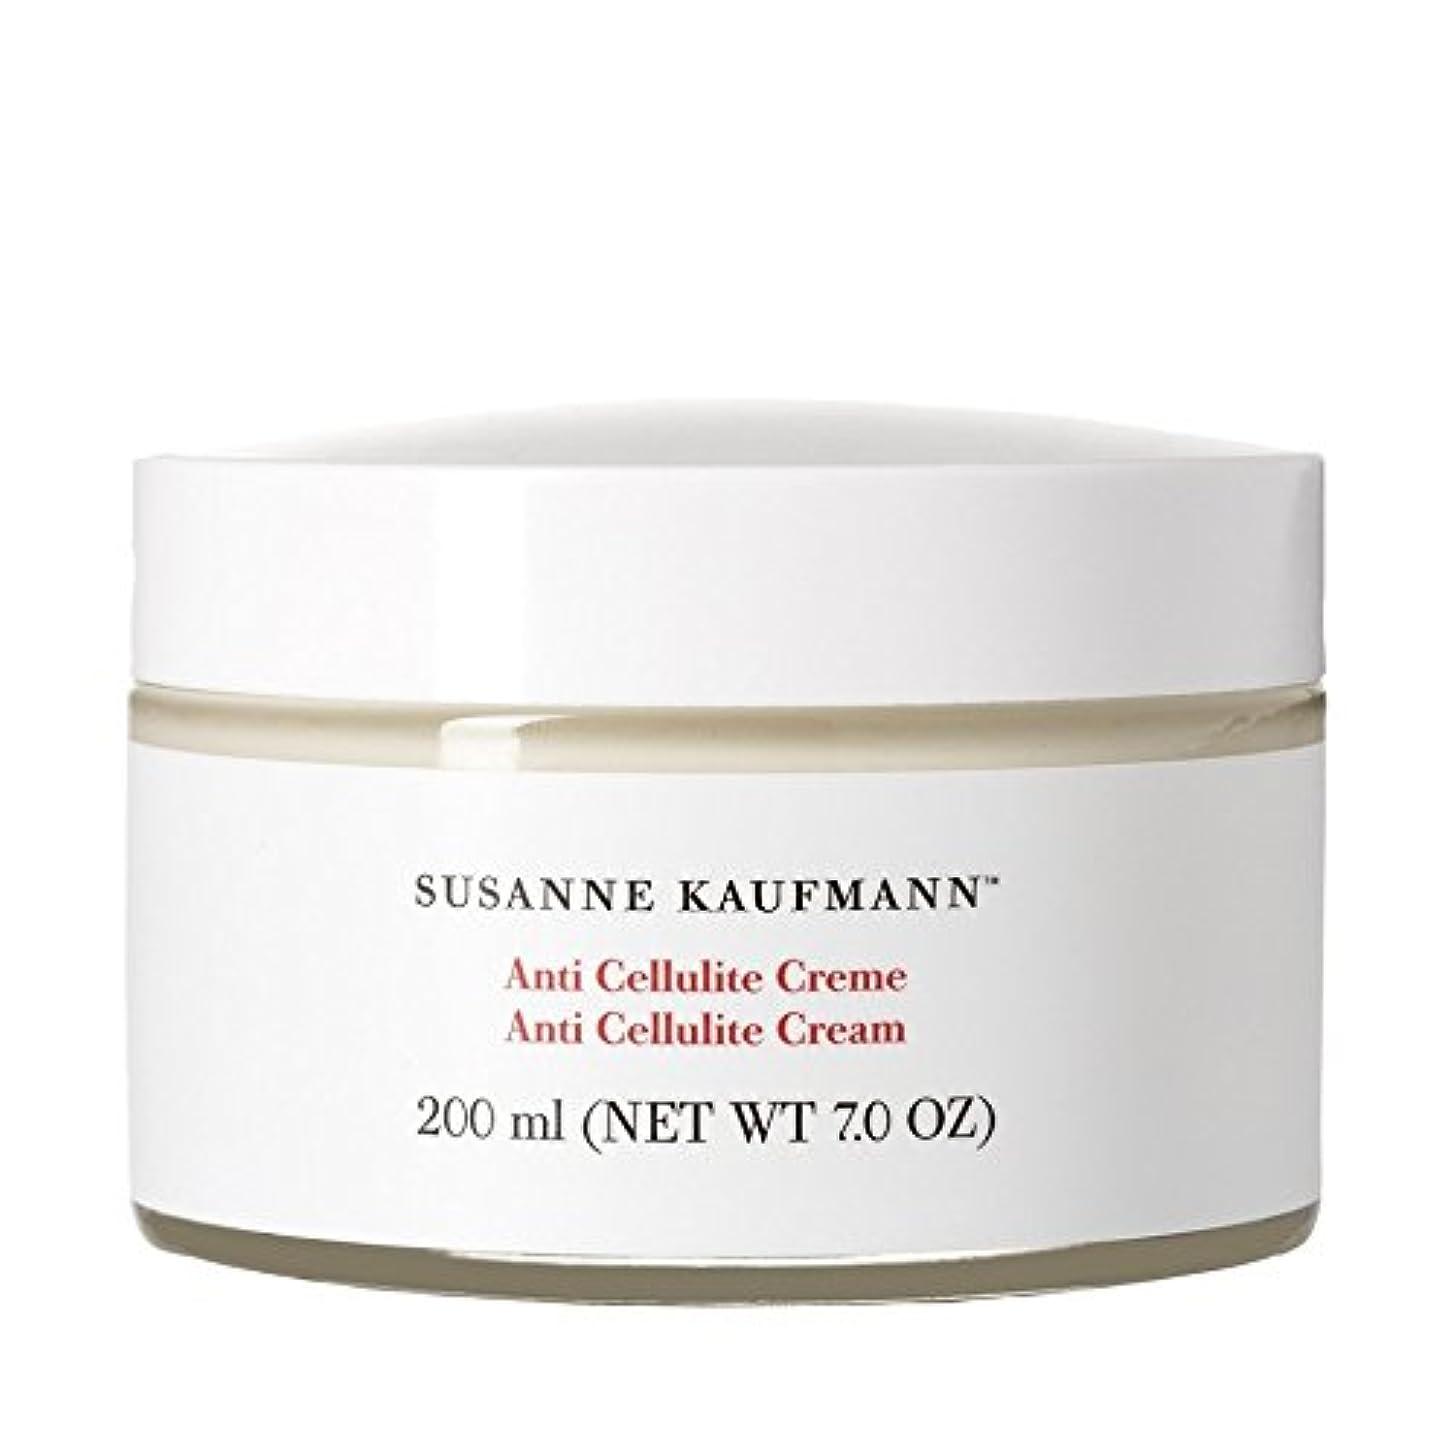 奇跡優遇ミッションSusanne Kaufmann Anti Cellulite Cream 200ml - スザンヌカウフマン抗セルライトクリーム200ミリリットル [並行輸入品]